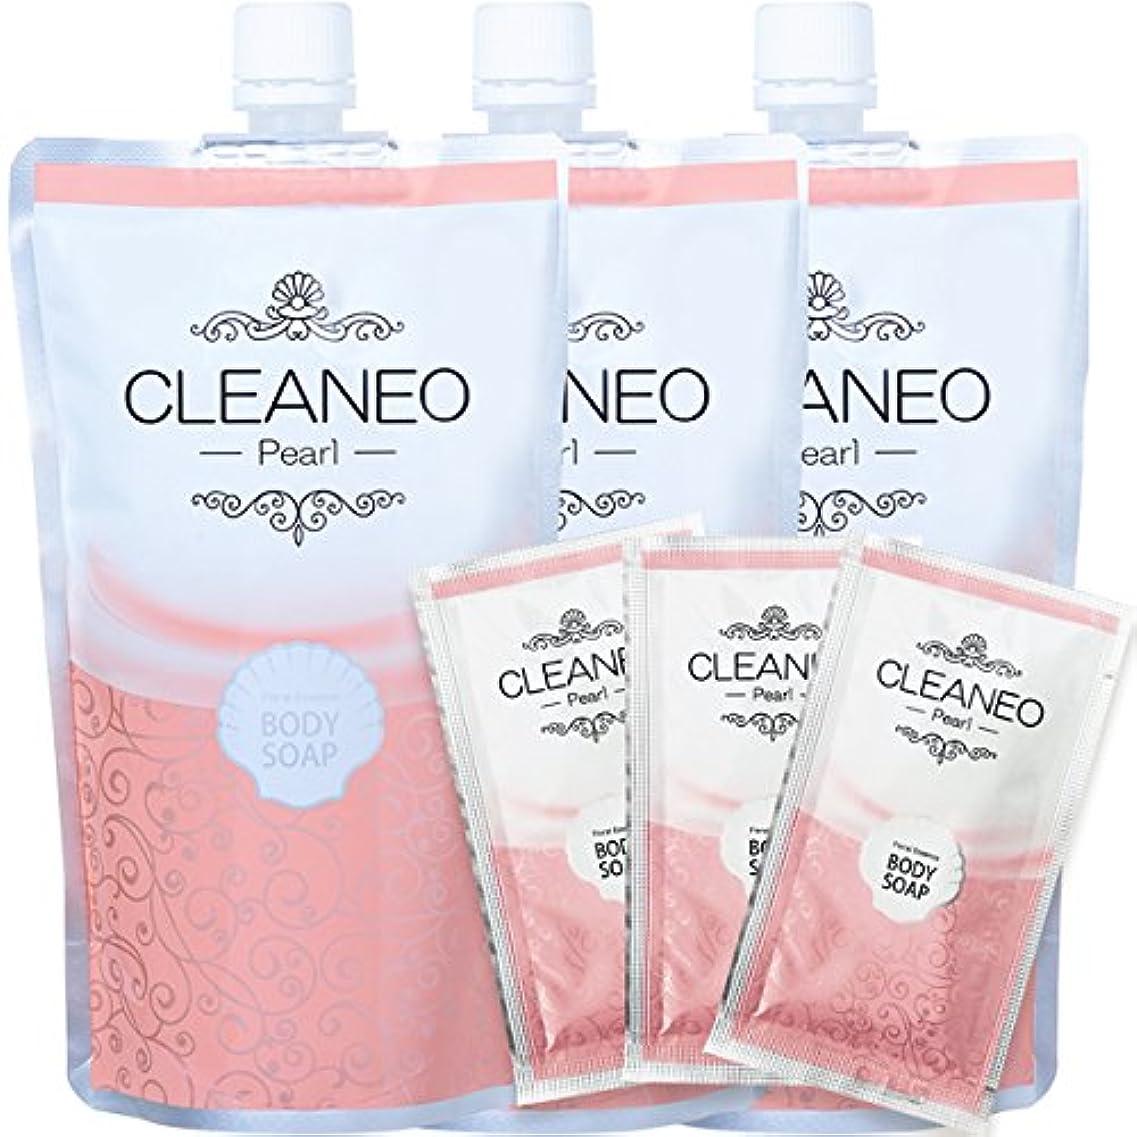 取り出す重要なセミナークリアネオ公式(CLEANEO) パール オーガニック ボディソープ?透明感のある美肌へ 詰替300ml ×3 + パールパウチセット